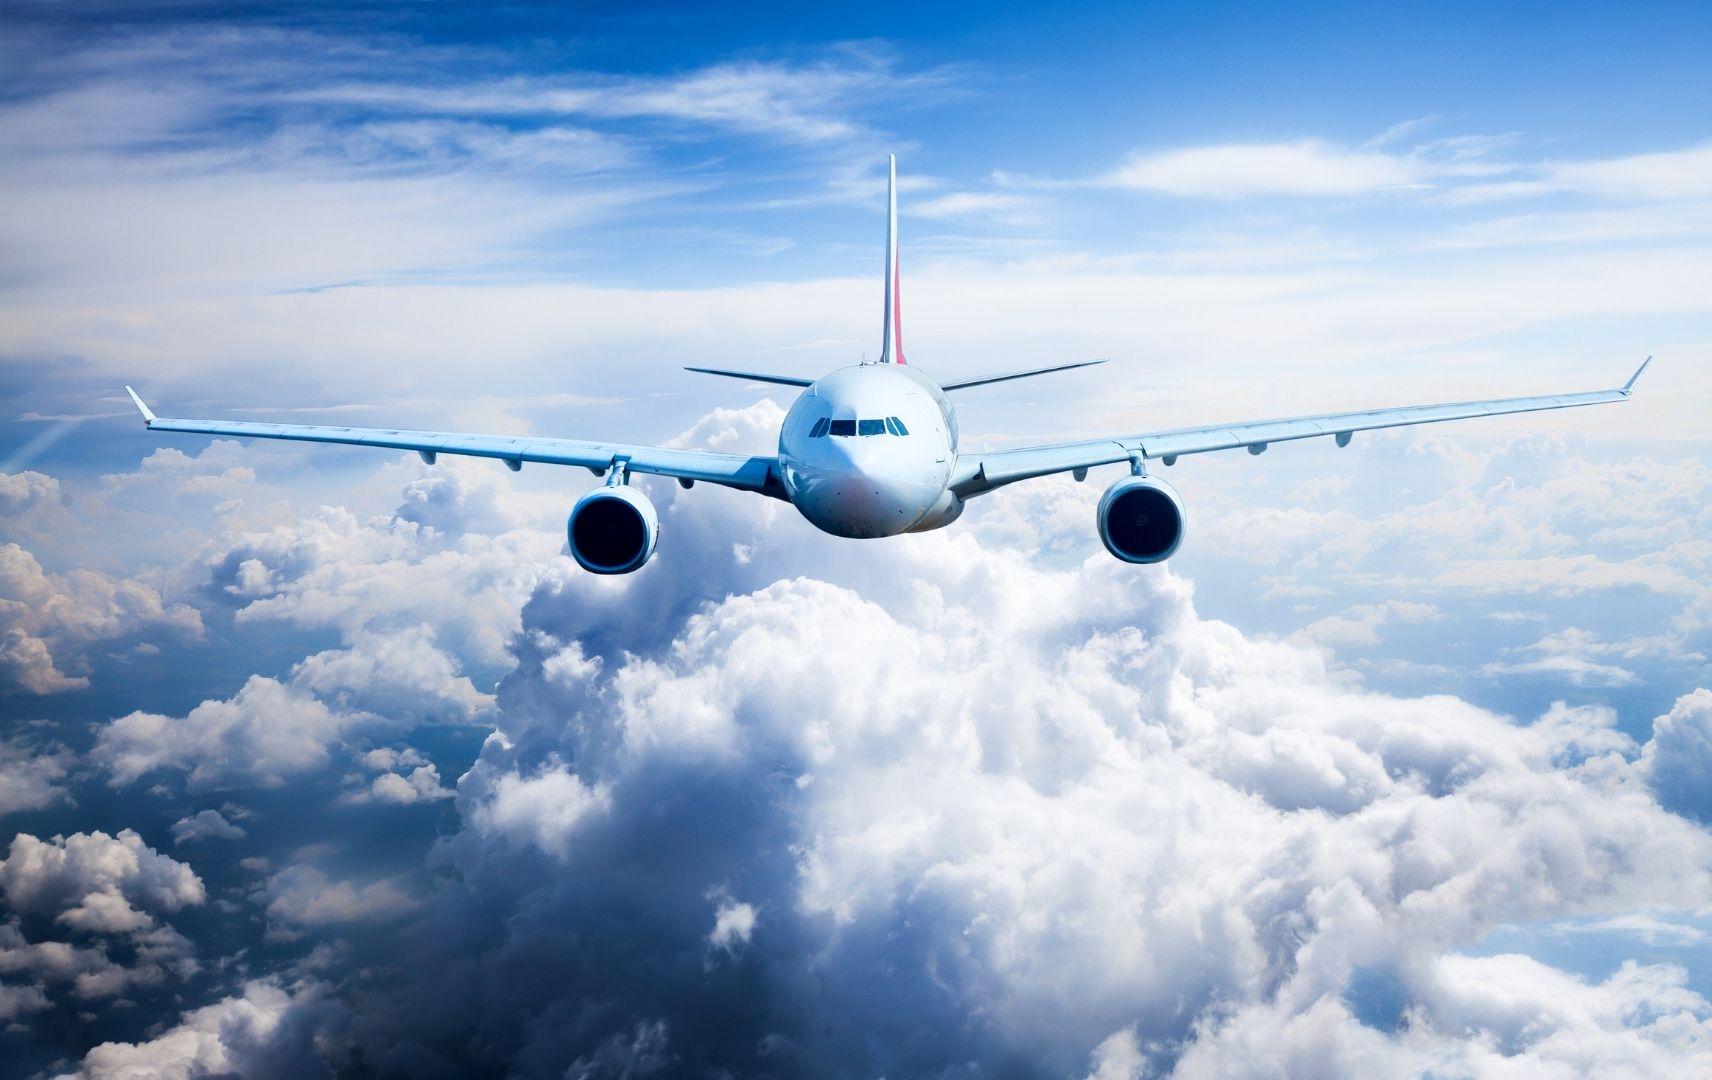 Flugzeug in der Luft von vorne